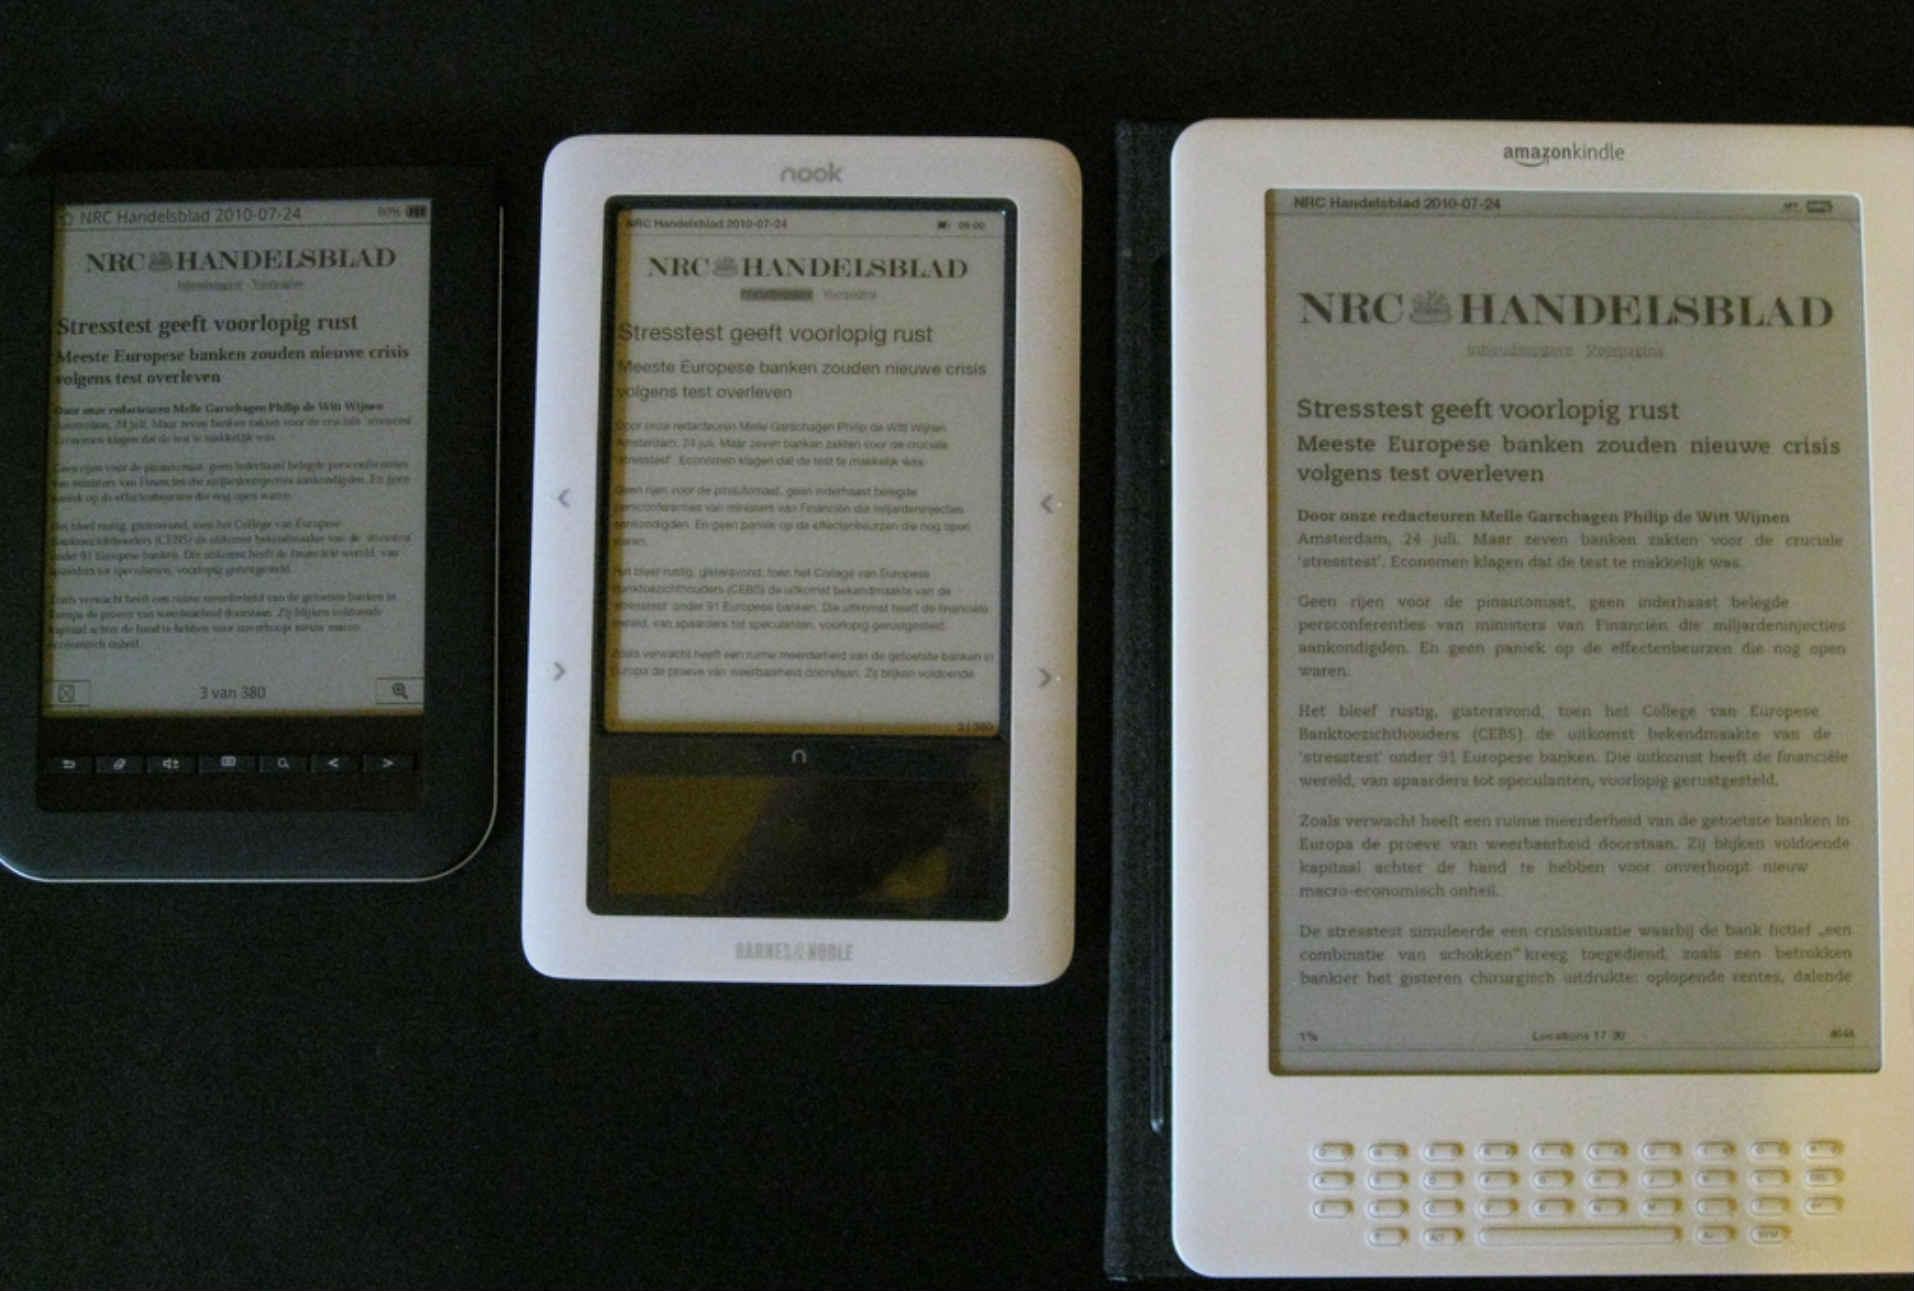 La Unión Europea Legaliza El Préstamo De Ebooks Para